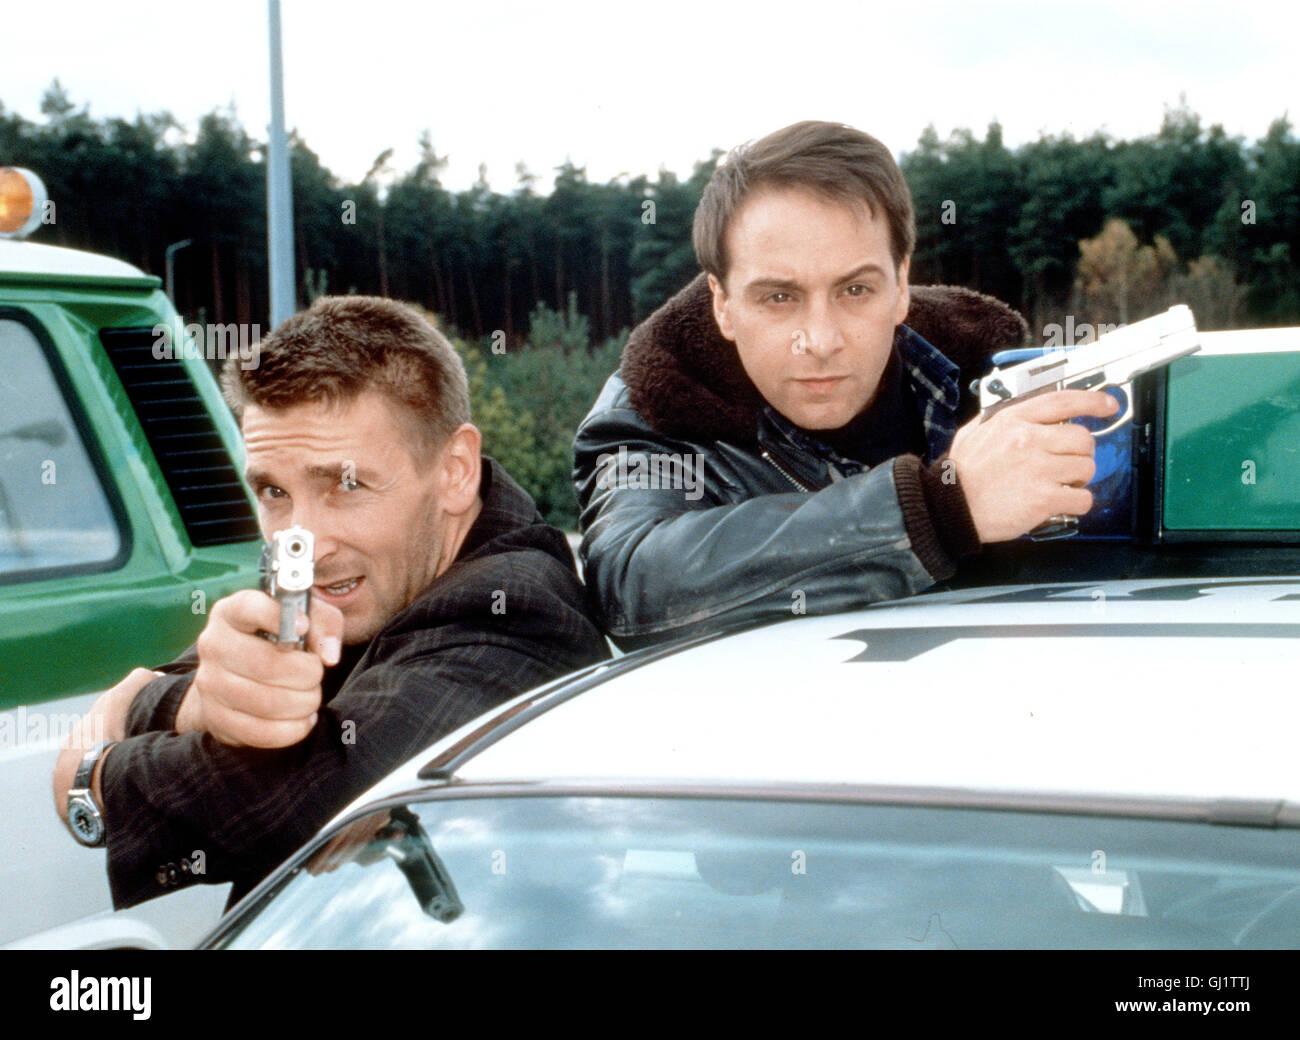 Alarm Für Cobra 11 Die Autobahnpolizei Andre Fux Mark Keller Und